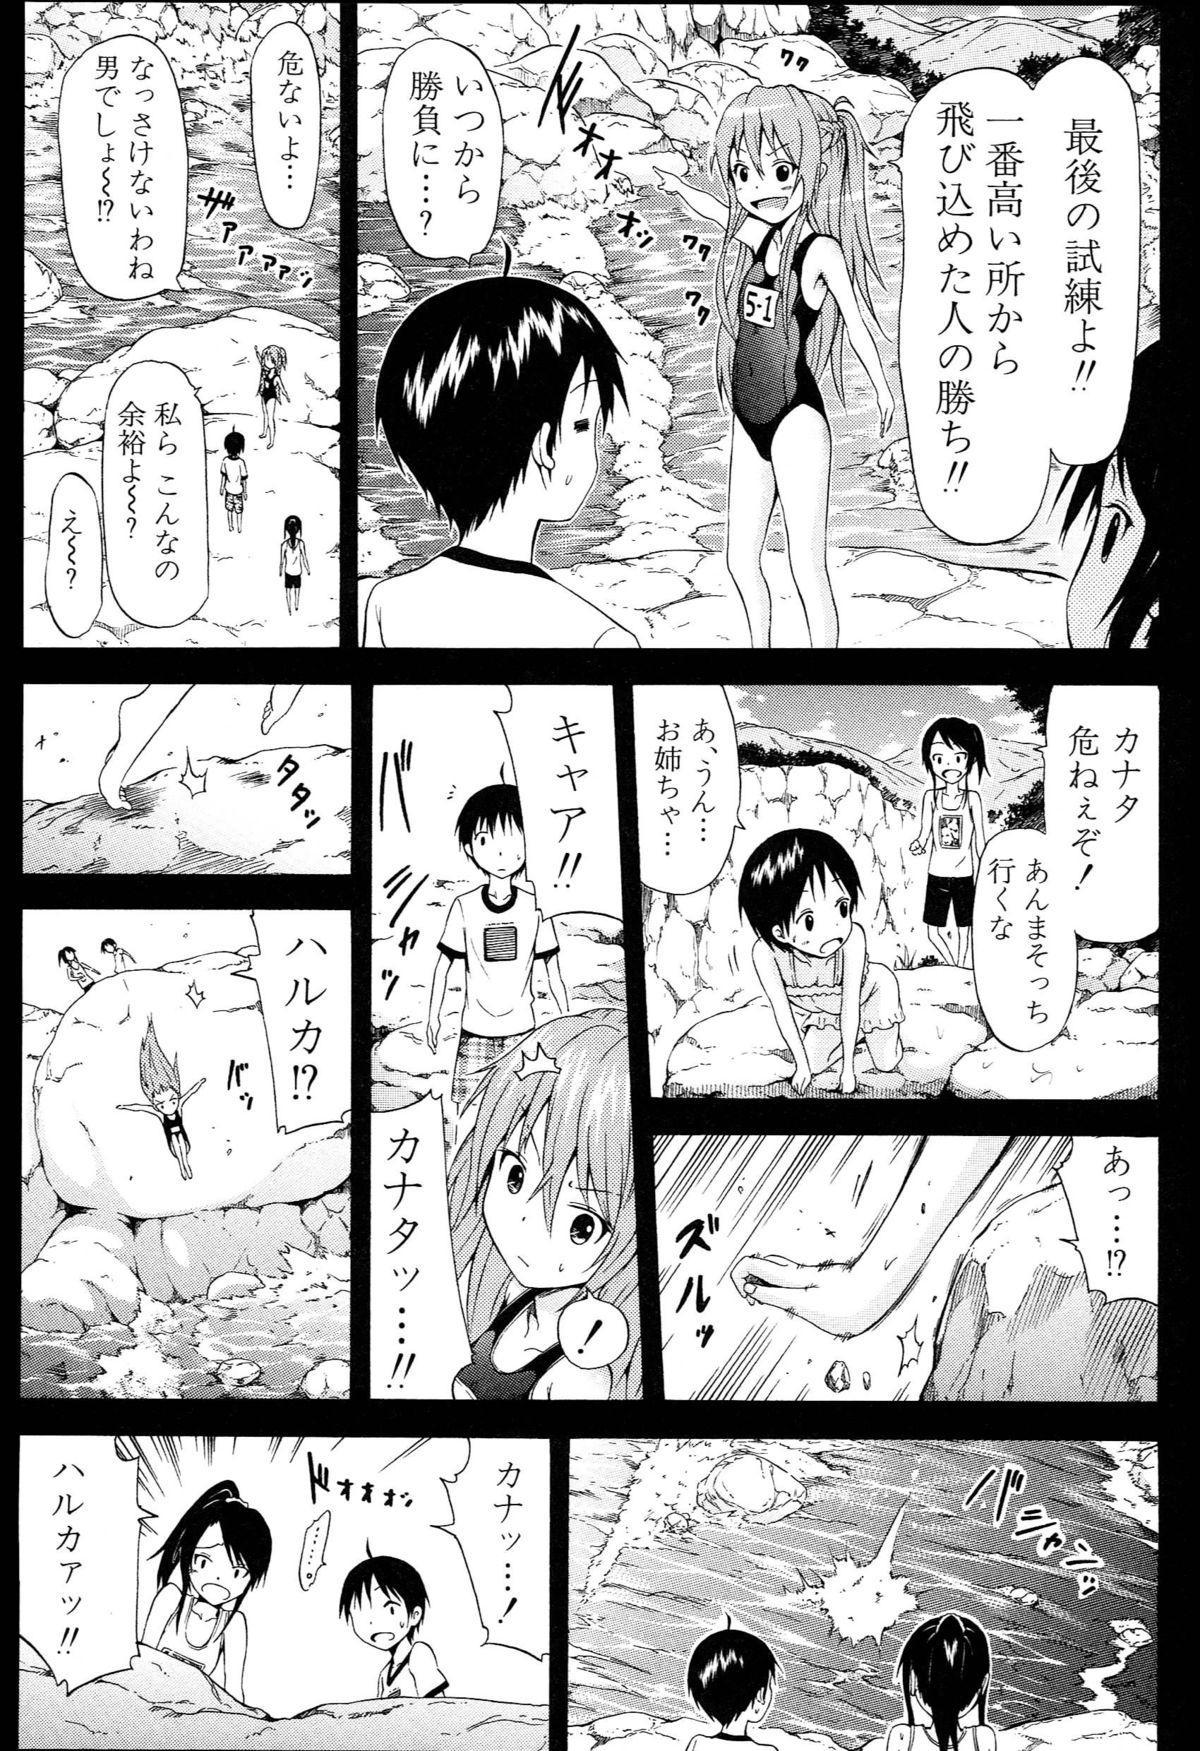 Natsumitsu x Harem + Melonbooks Gentei Shousasshi 133